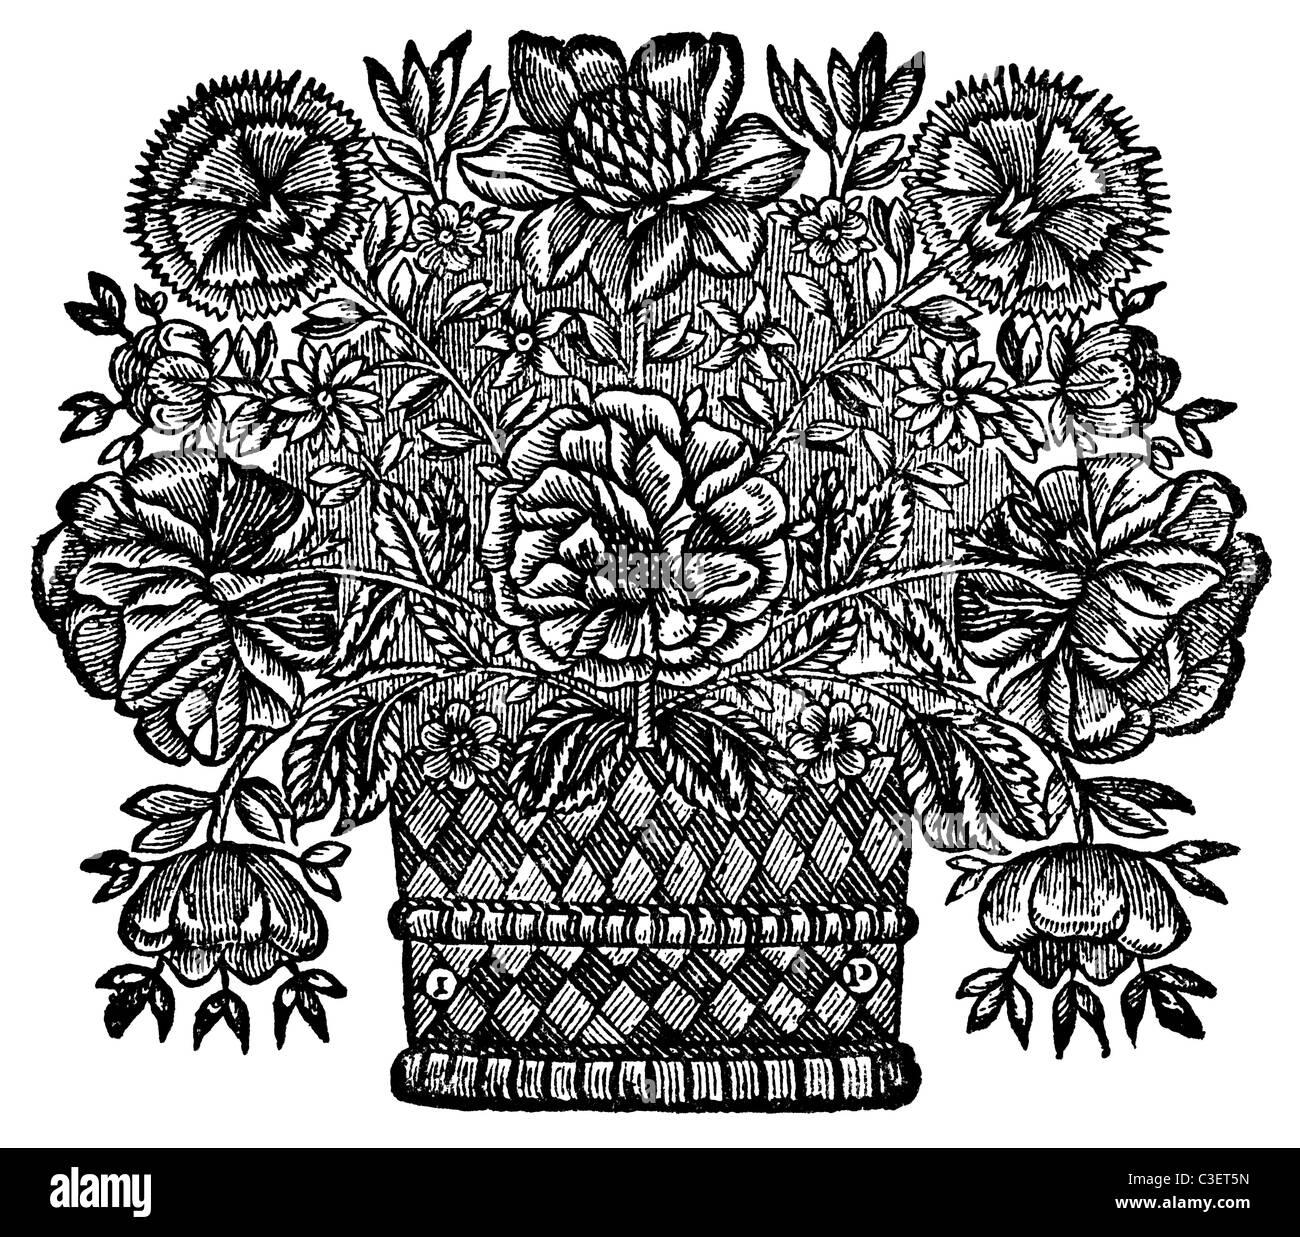 Xilografia medievale del cesto fiorito Immagini Stock